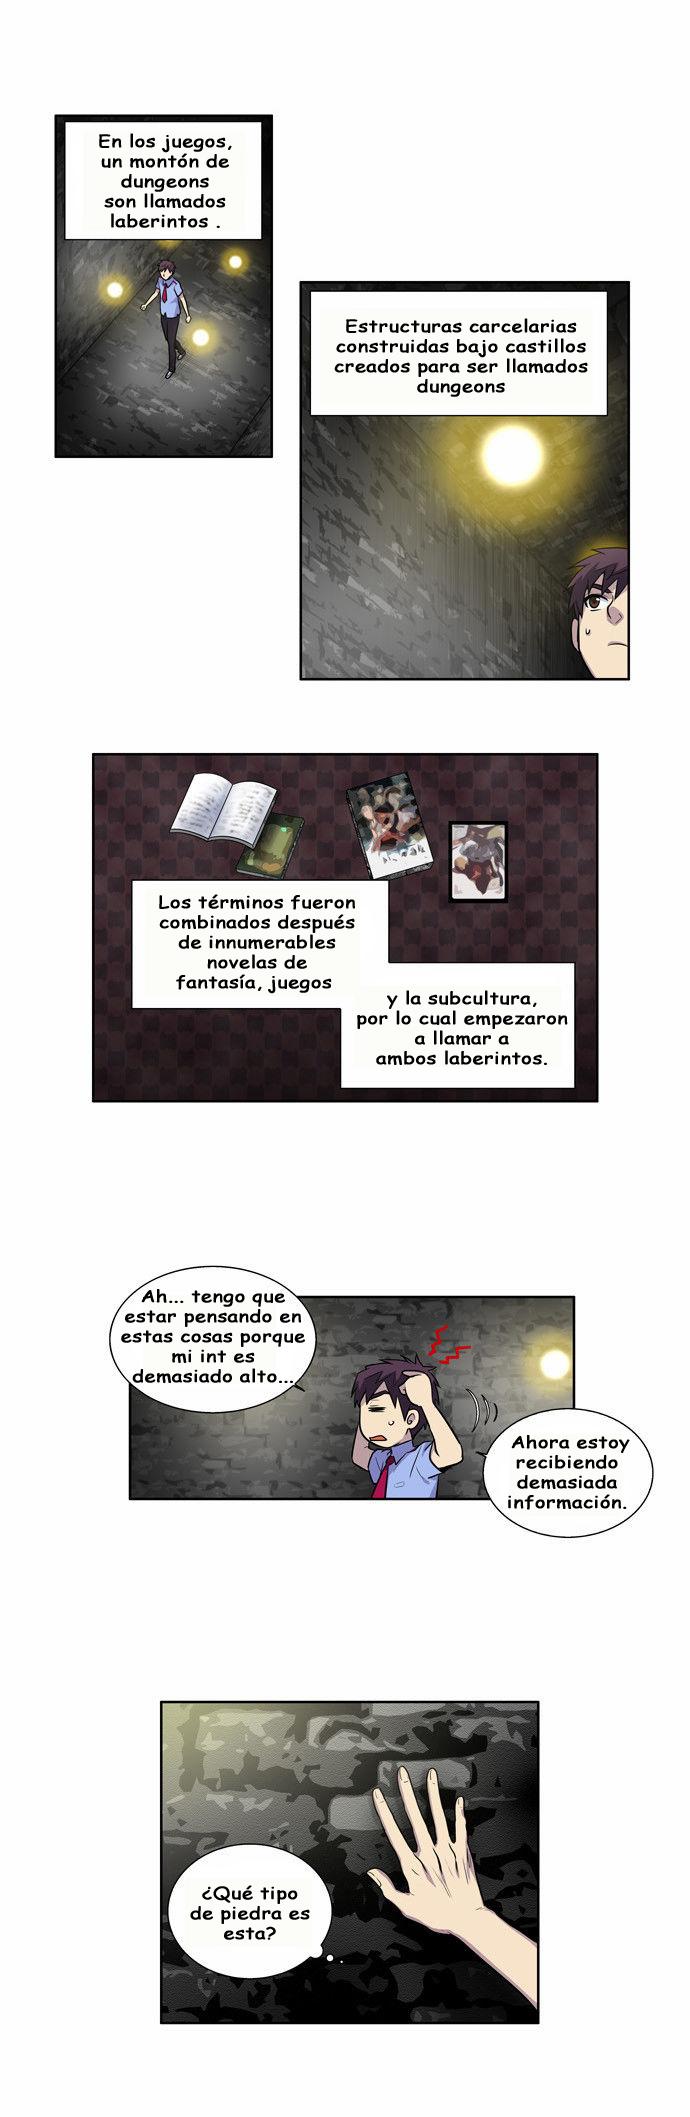 https://c5.ninemanga.com/es_manga/61/1725/396908/5307358f712dba07ab3a21f109d0fb2b.jpg Page 8